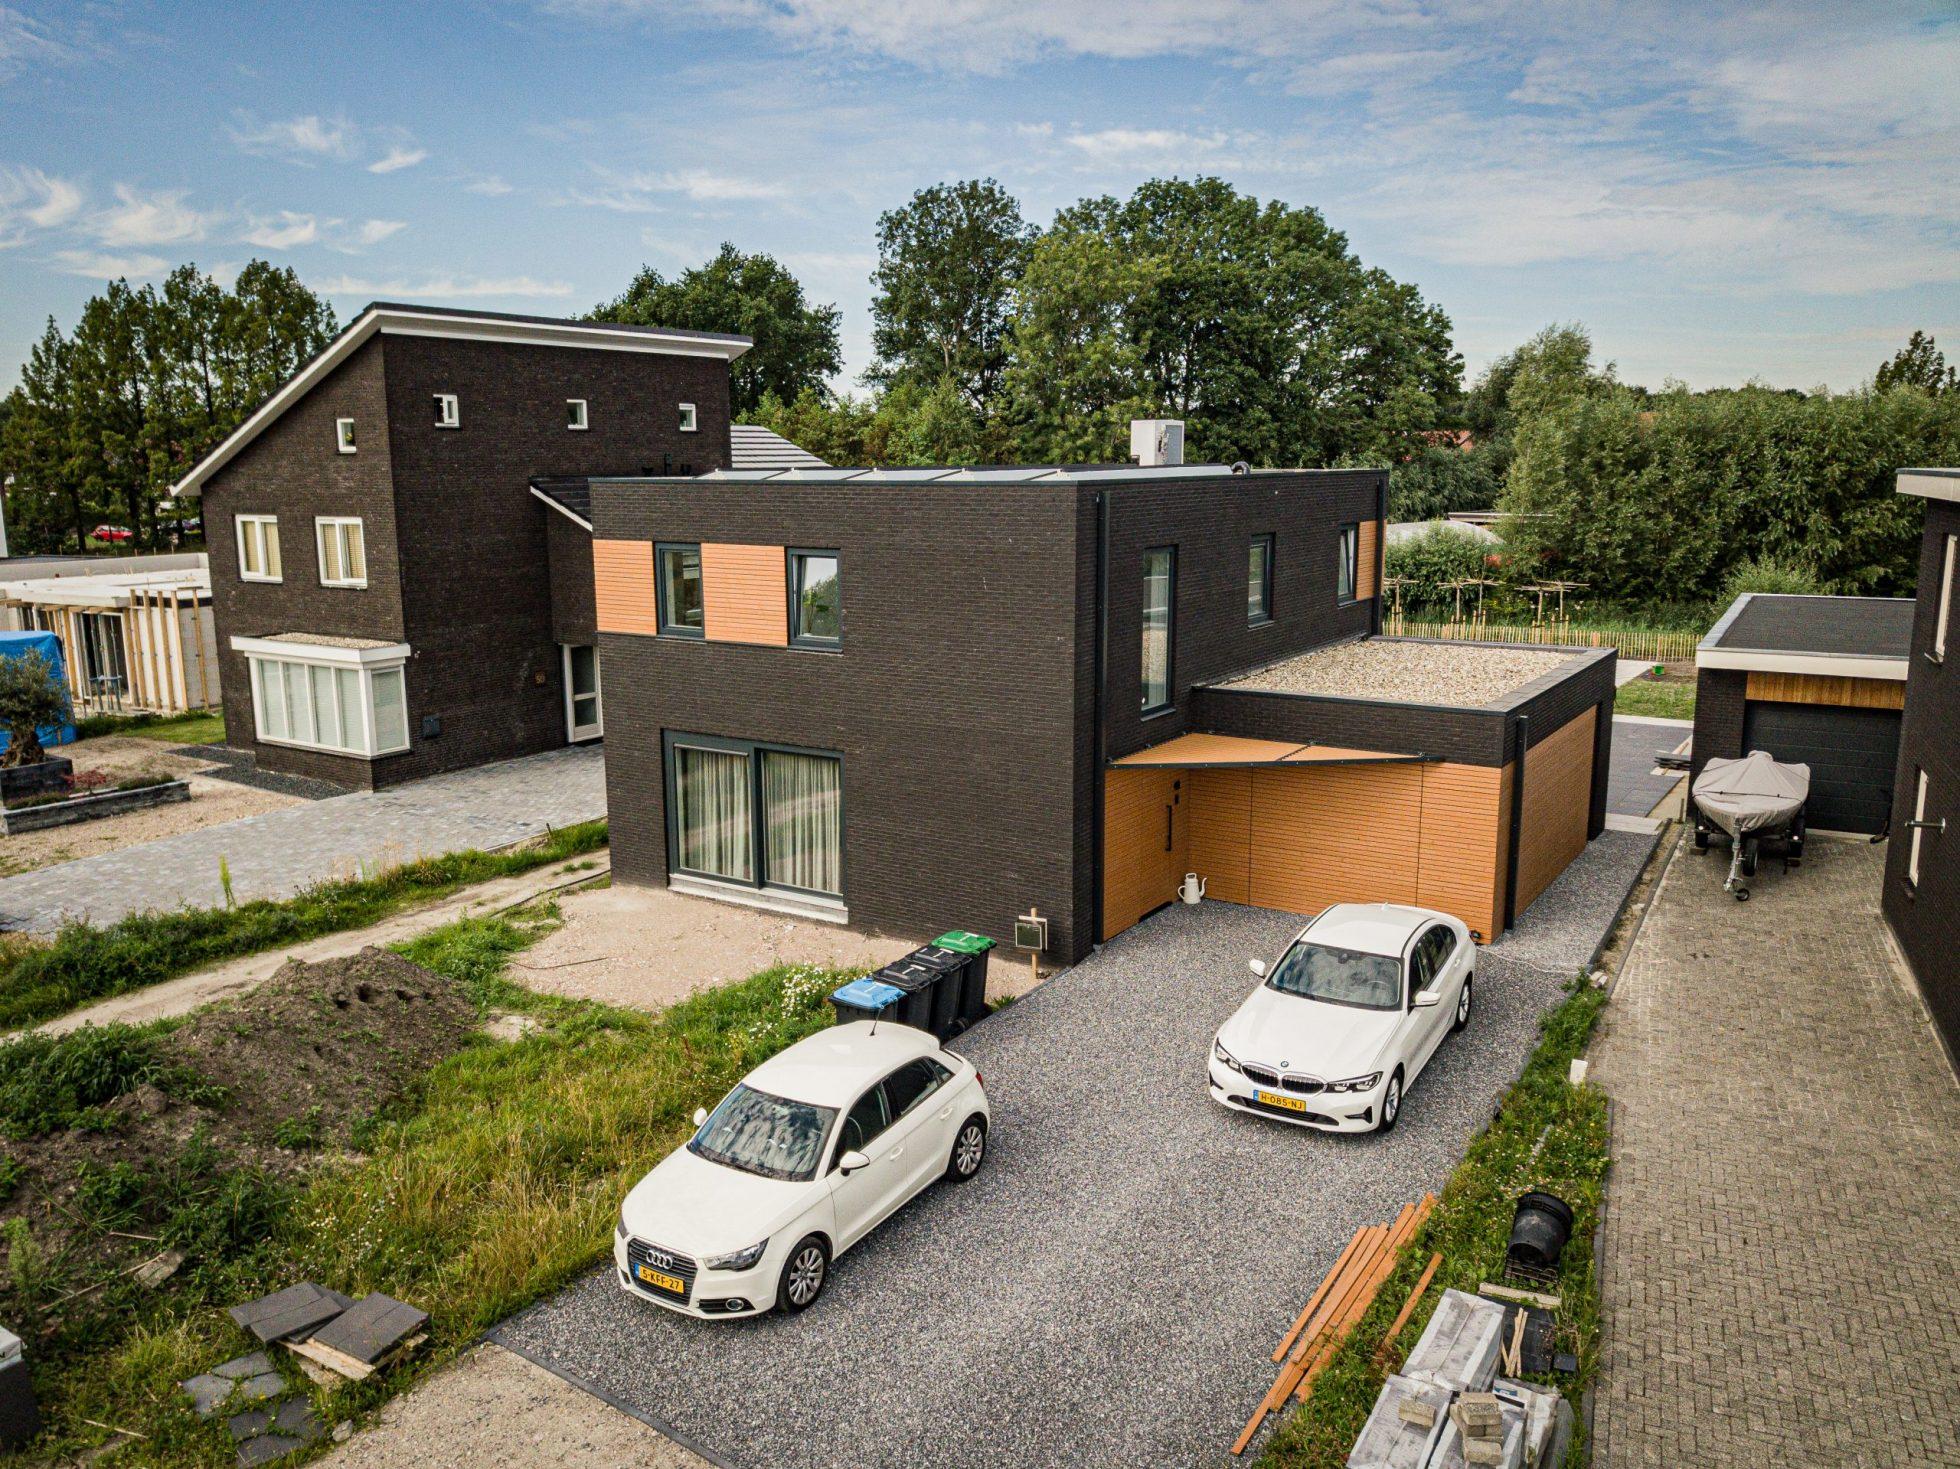 Nieuwbouwwoning_drachten_ontwerpburo_wietze_dijkstra